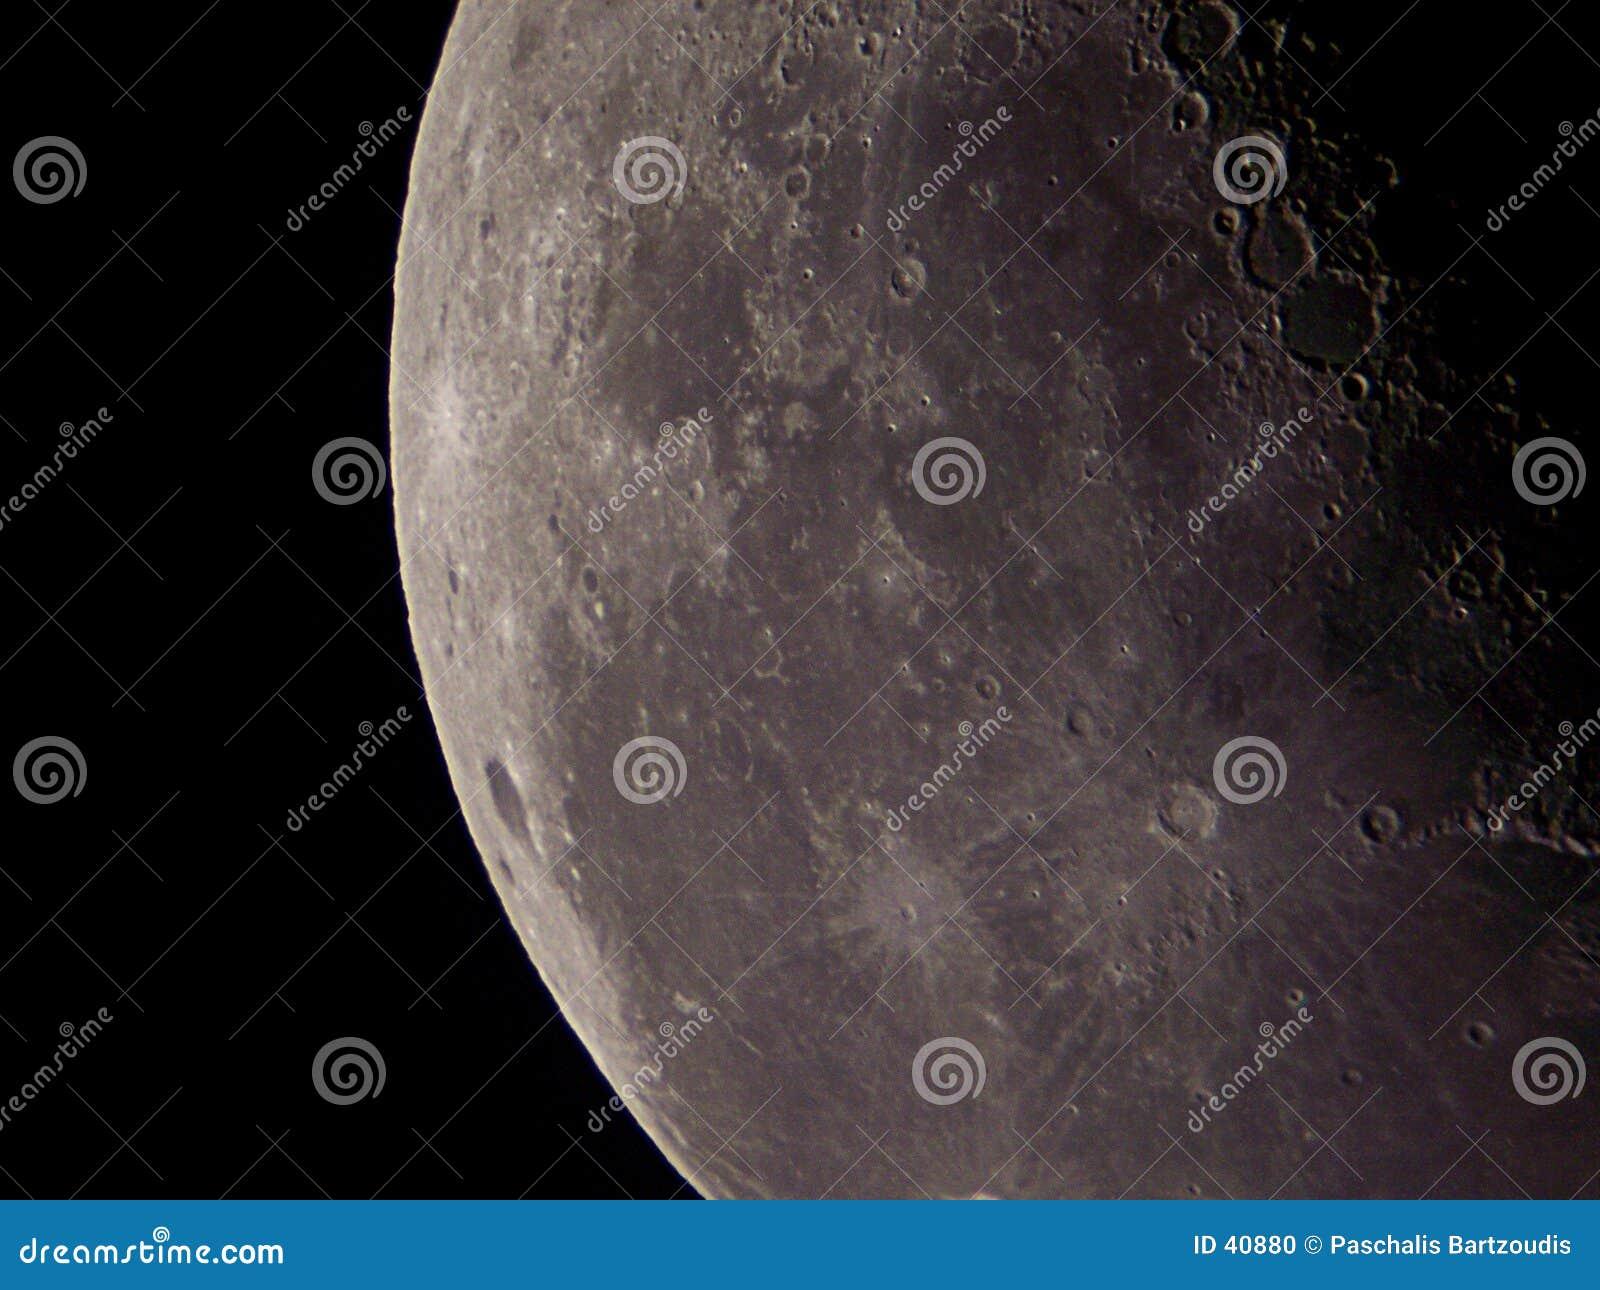 Download Nuestro satélite foto de archivo. Imagen de distancia, gravitación - 40880